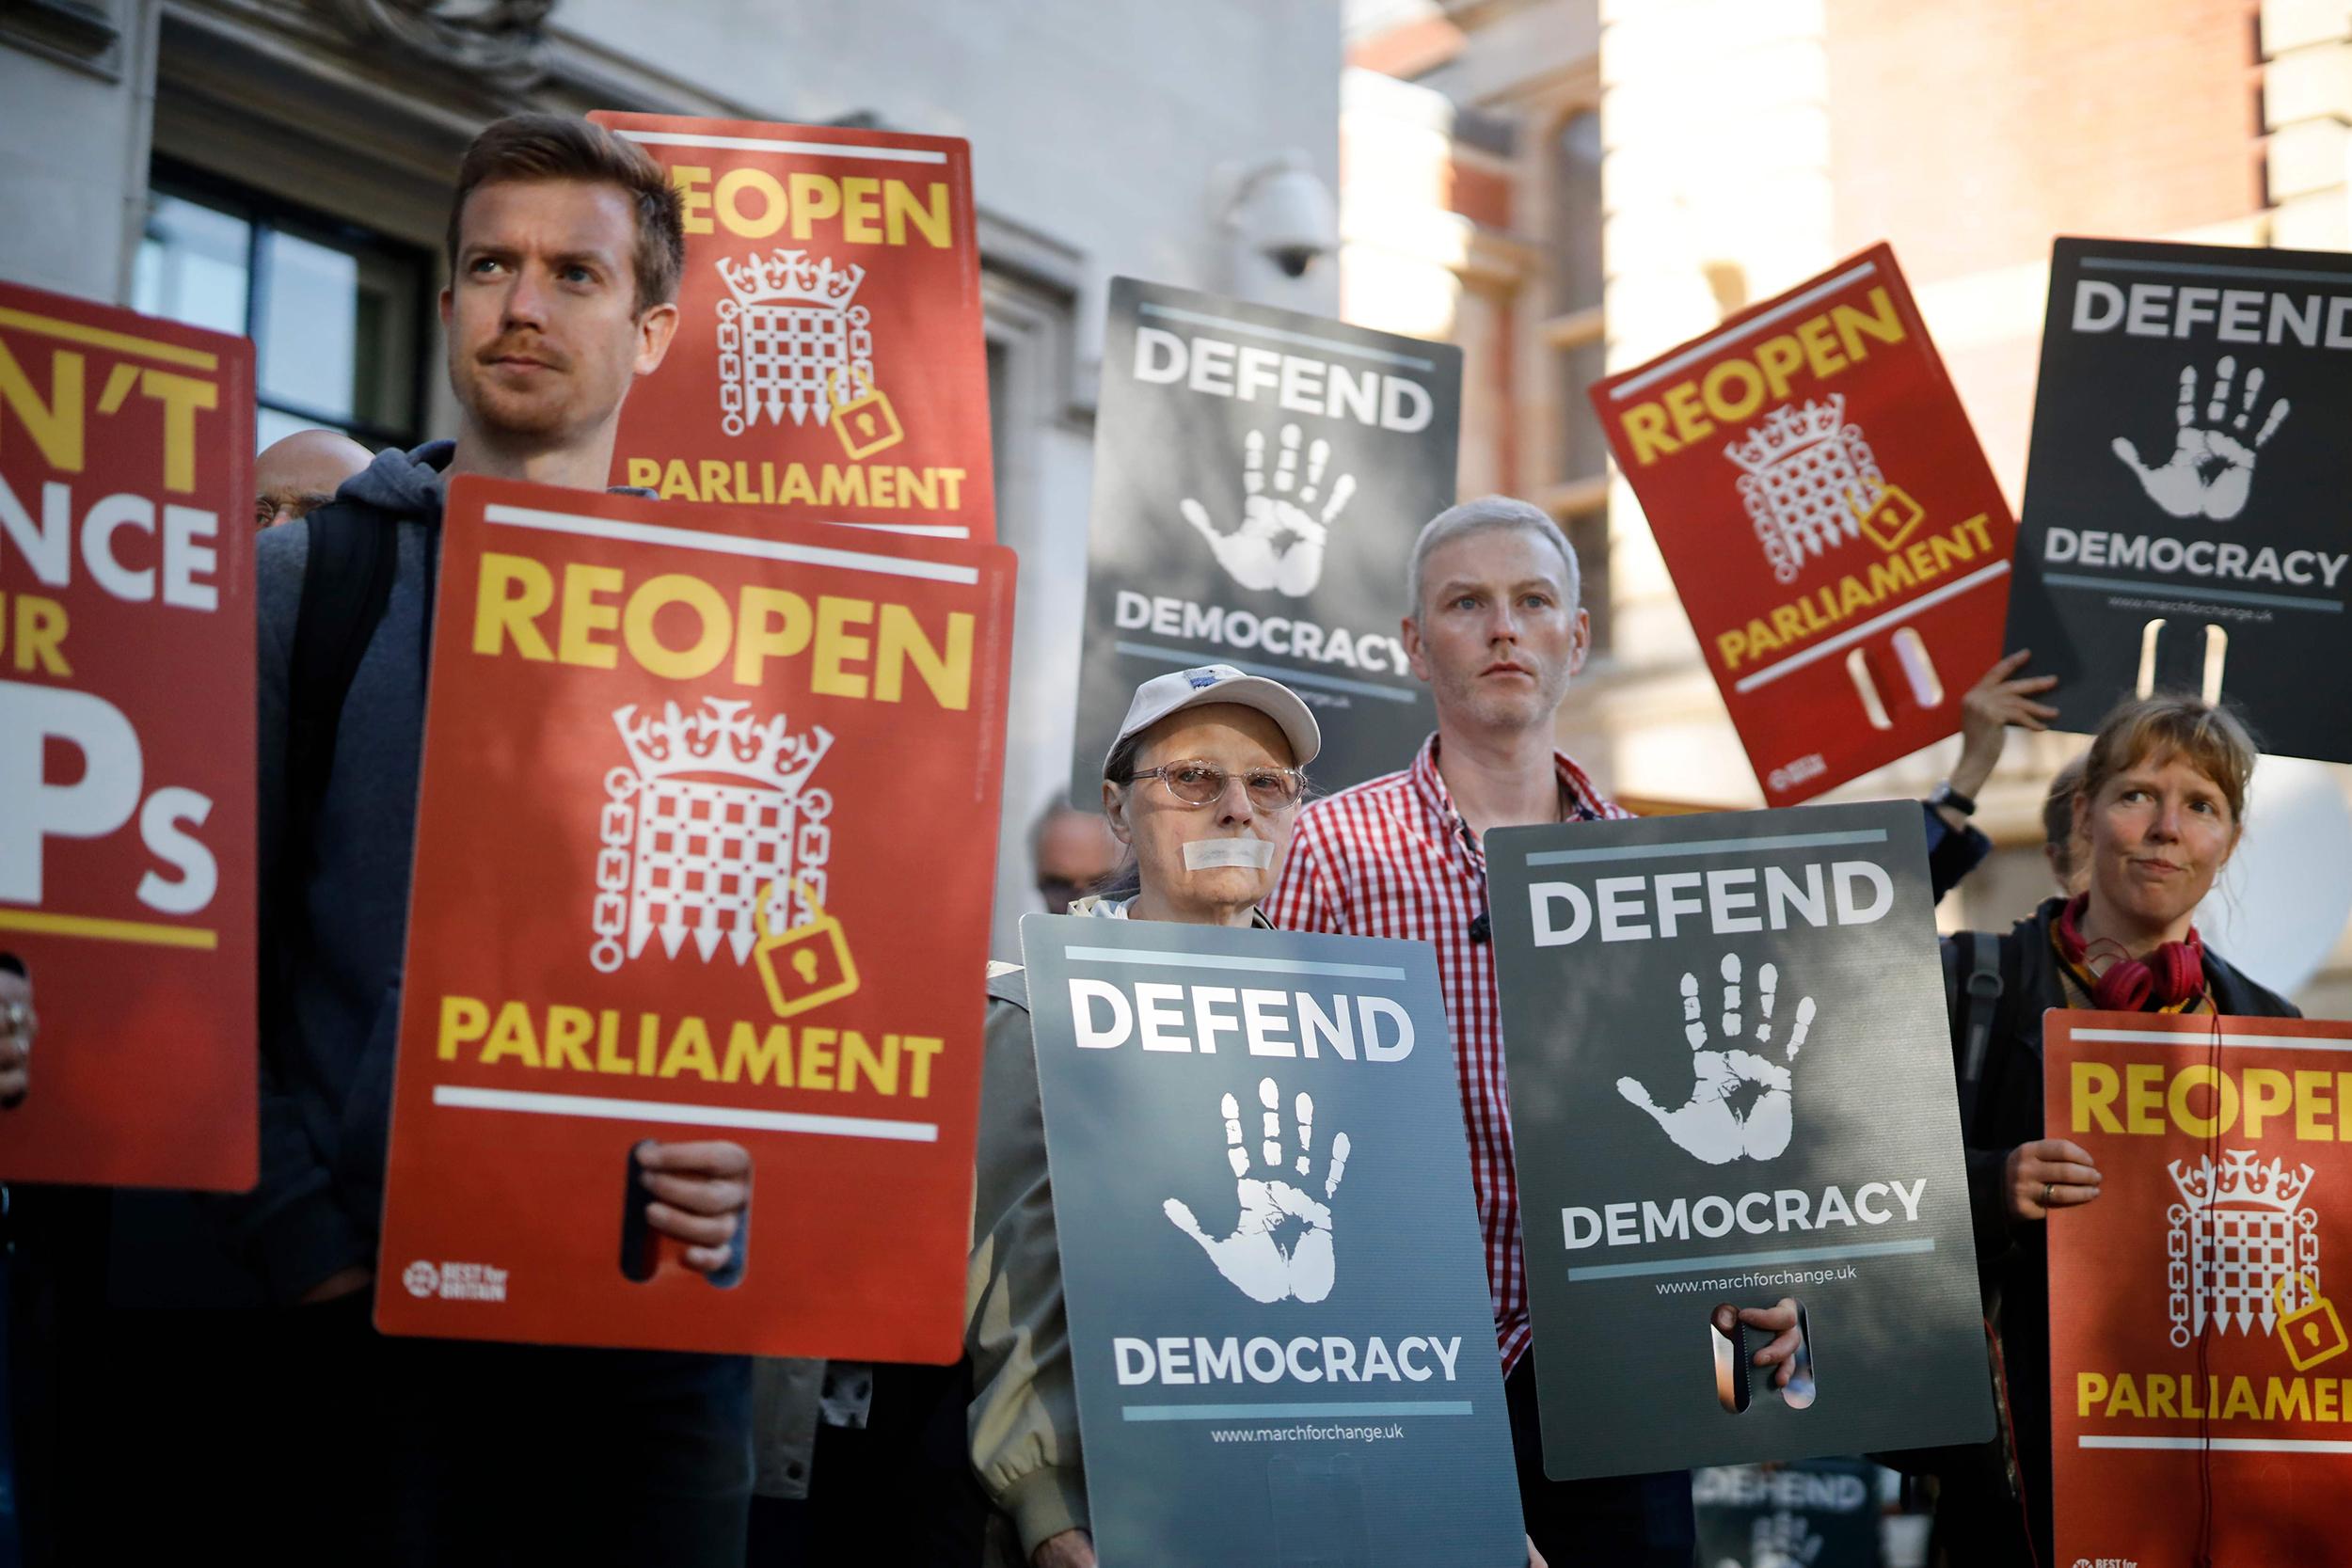 Was-Boris-Johnson's-Parliament's-suspension-illegal?